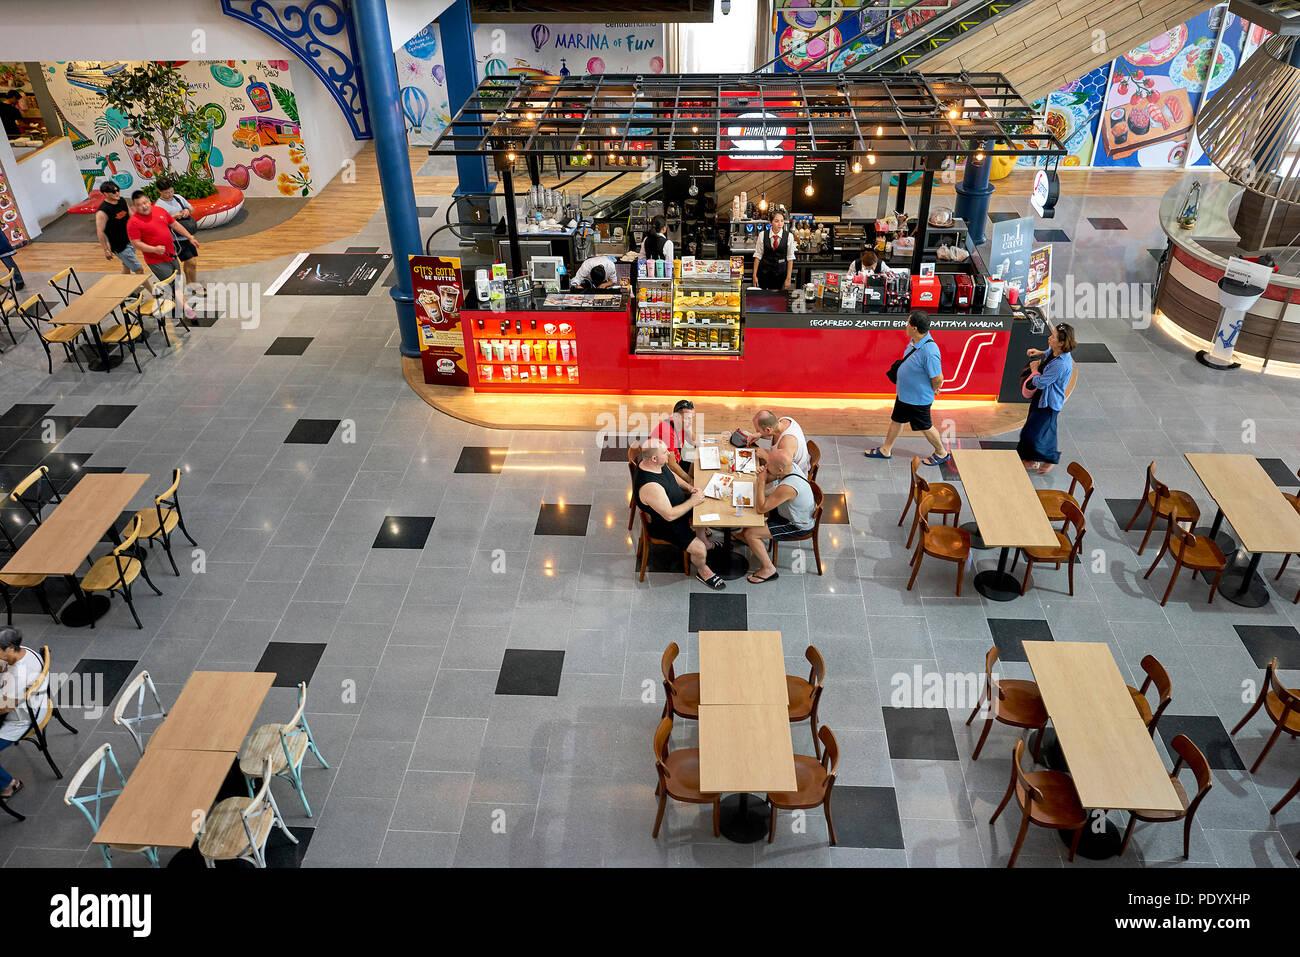 Ansicht des Restaurant Essbereich in einem Thailand Shopping Mall. Diners von oben. Südostasien. Stockfoto